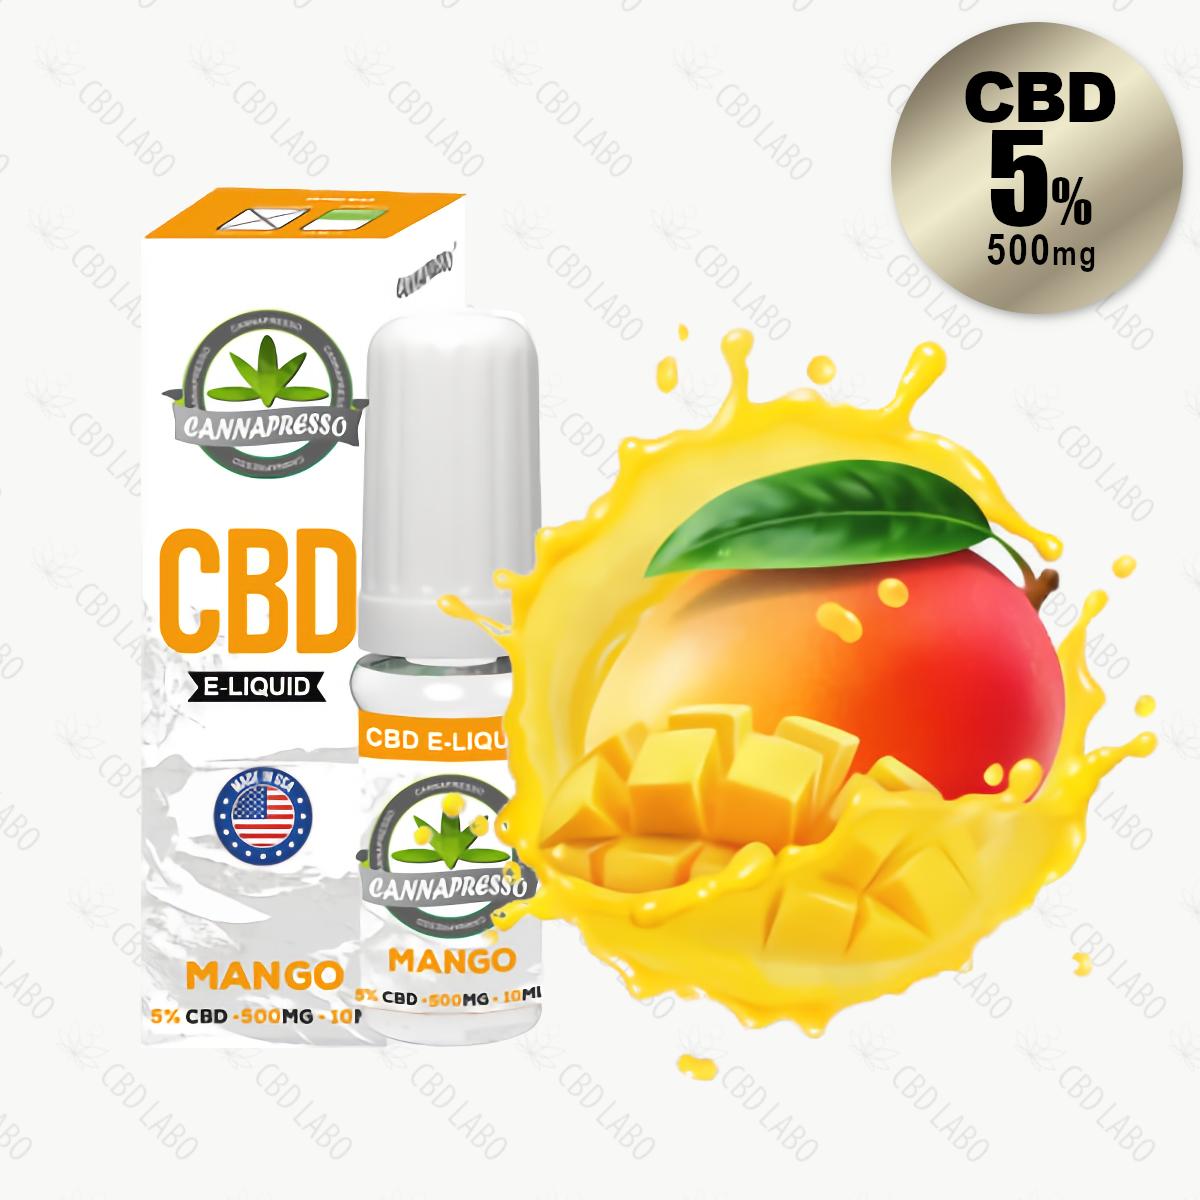 【送料無料】CANNAPRESSO CBDリキッド マンゴー 10ml CBD含有量500mg (5%)